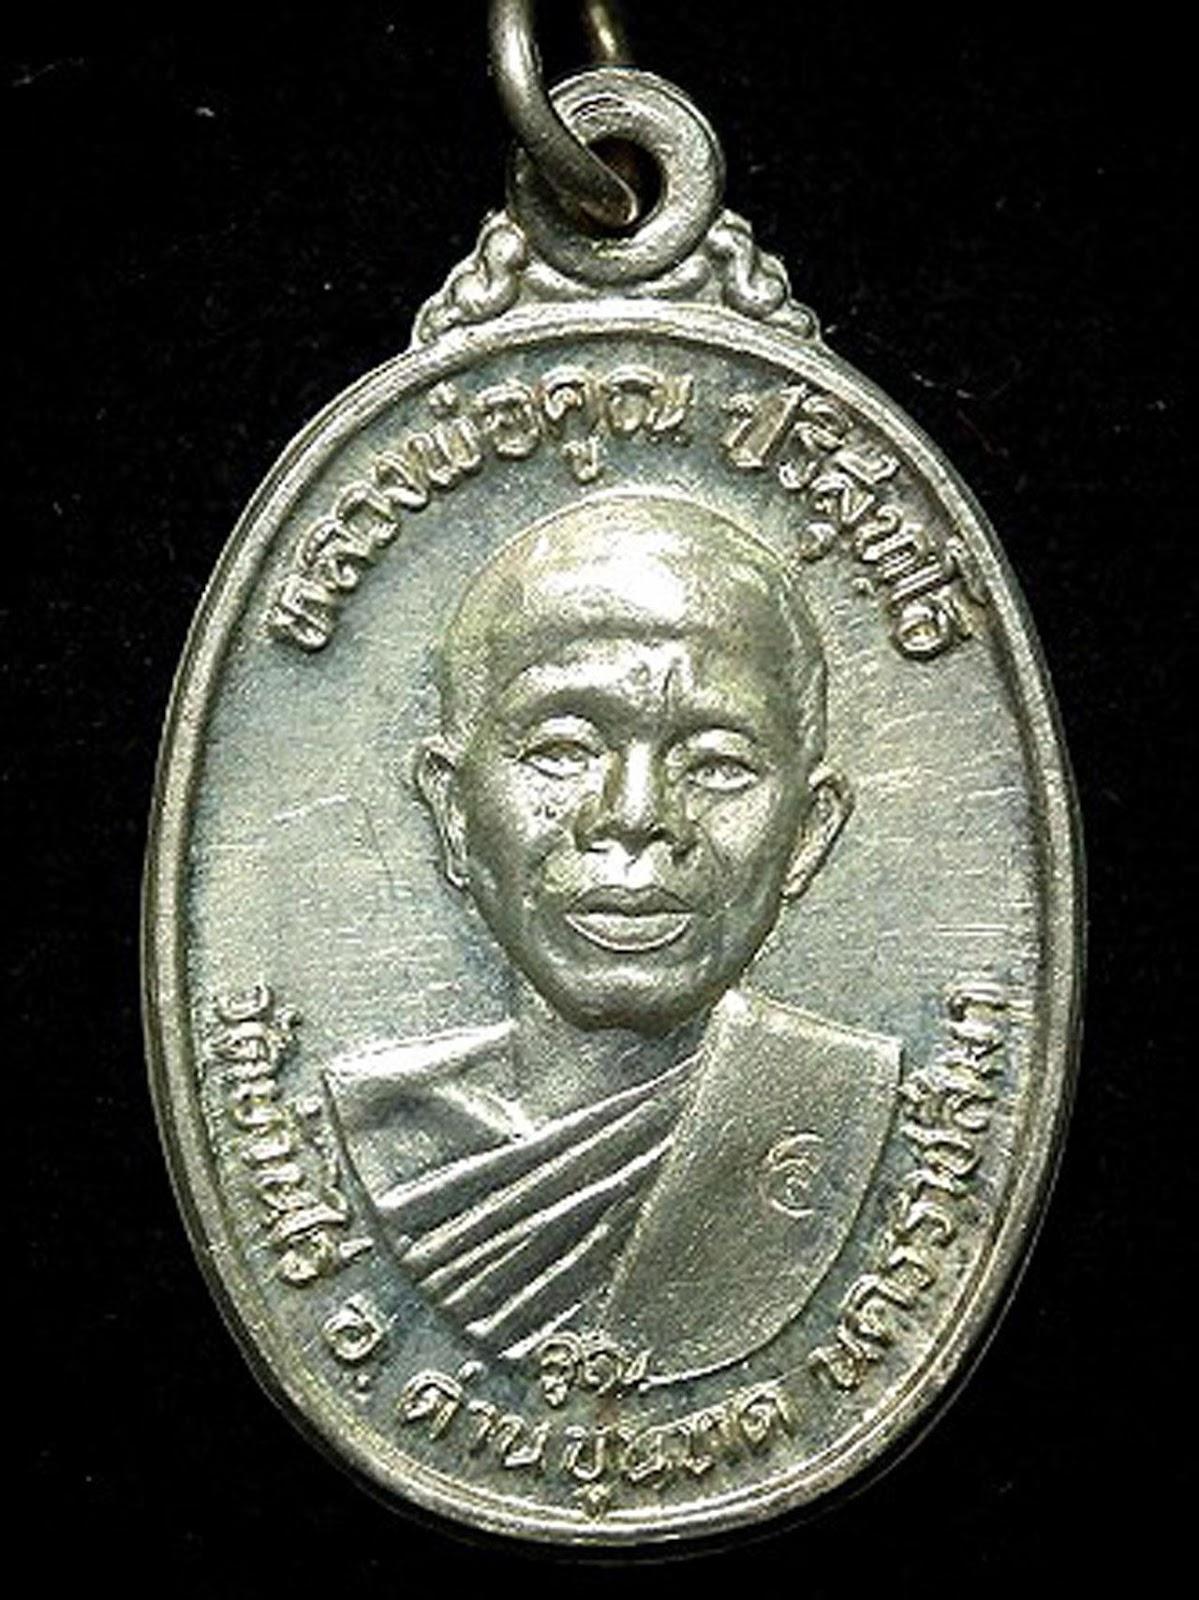 4. เหรียญหลวงพ่อคูณ รุ่นเพชรน้ำเอก ปี 2536